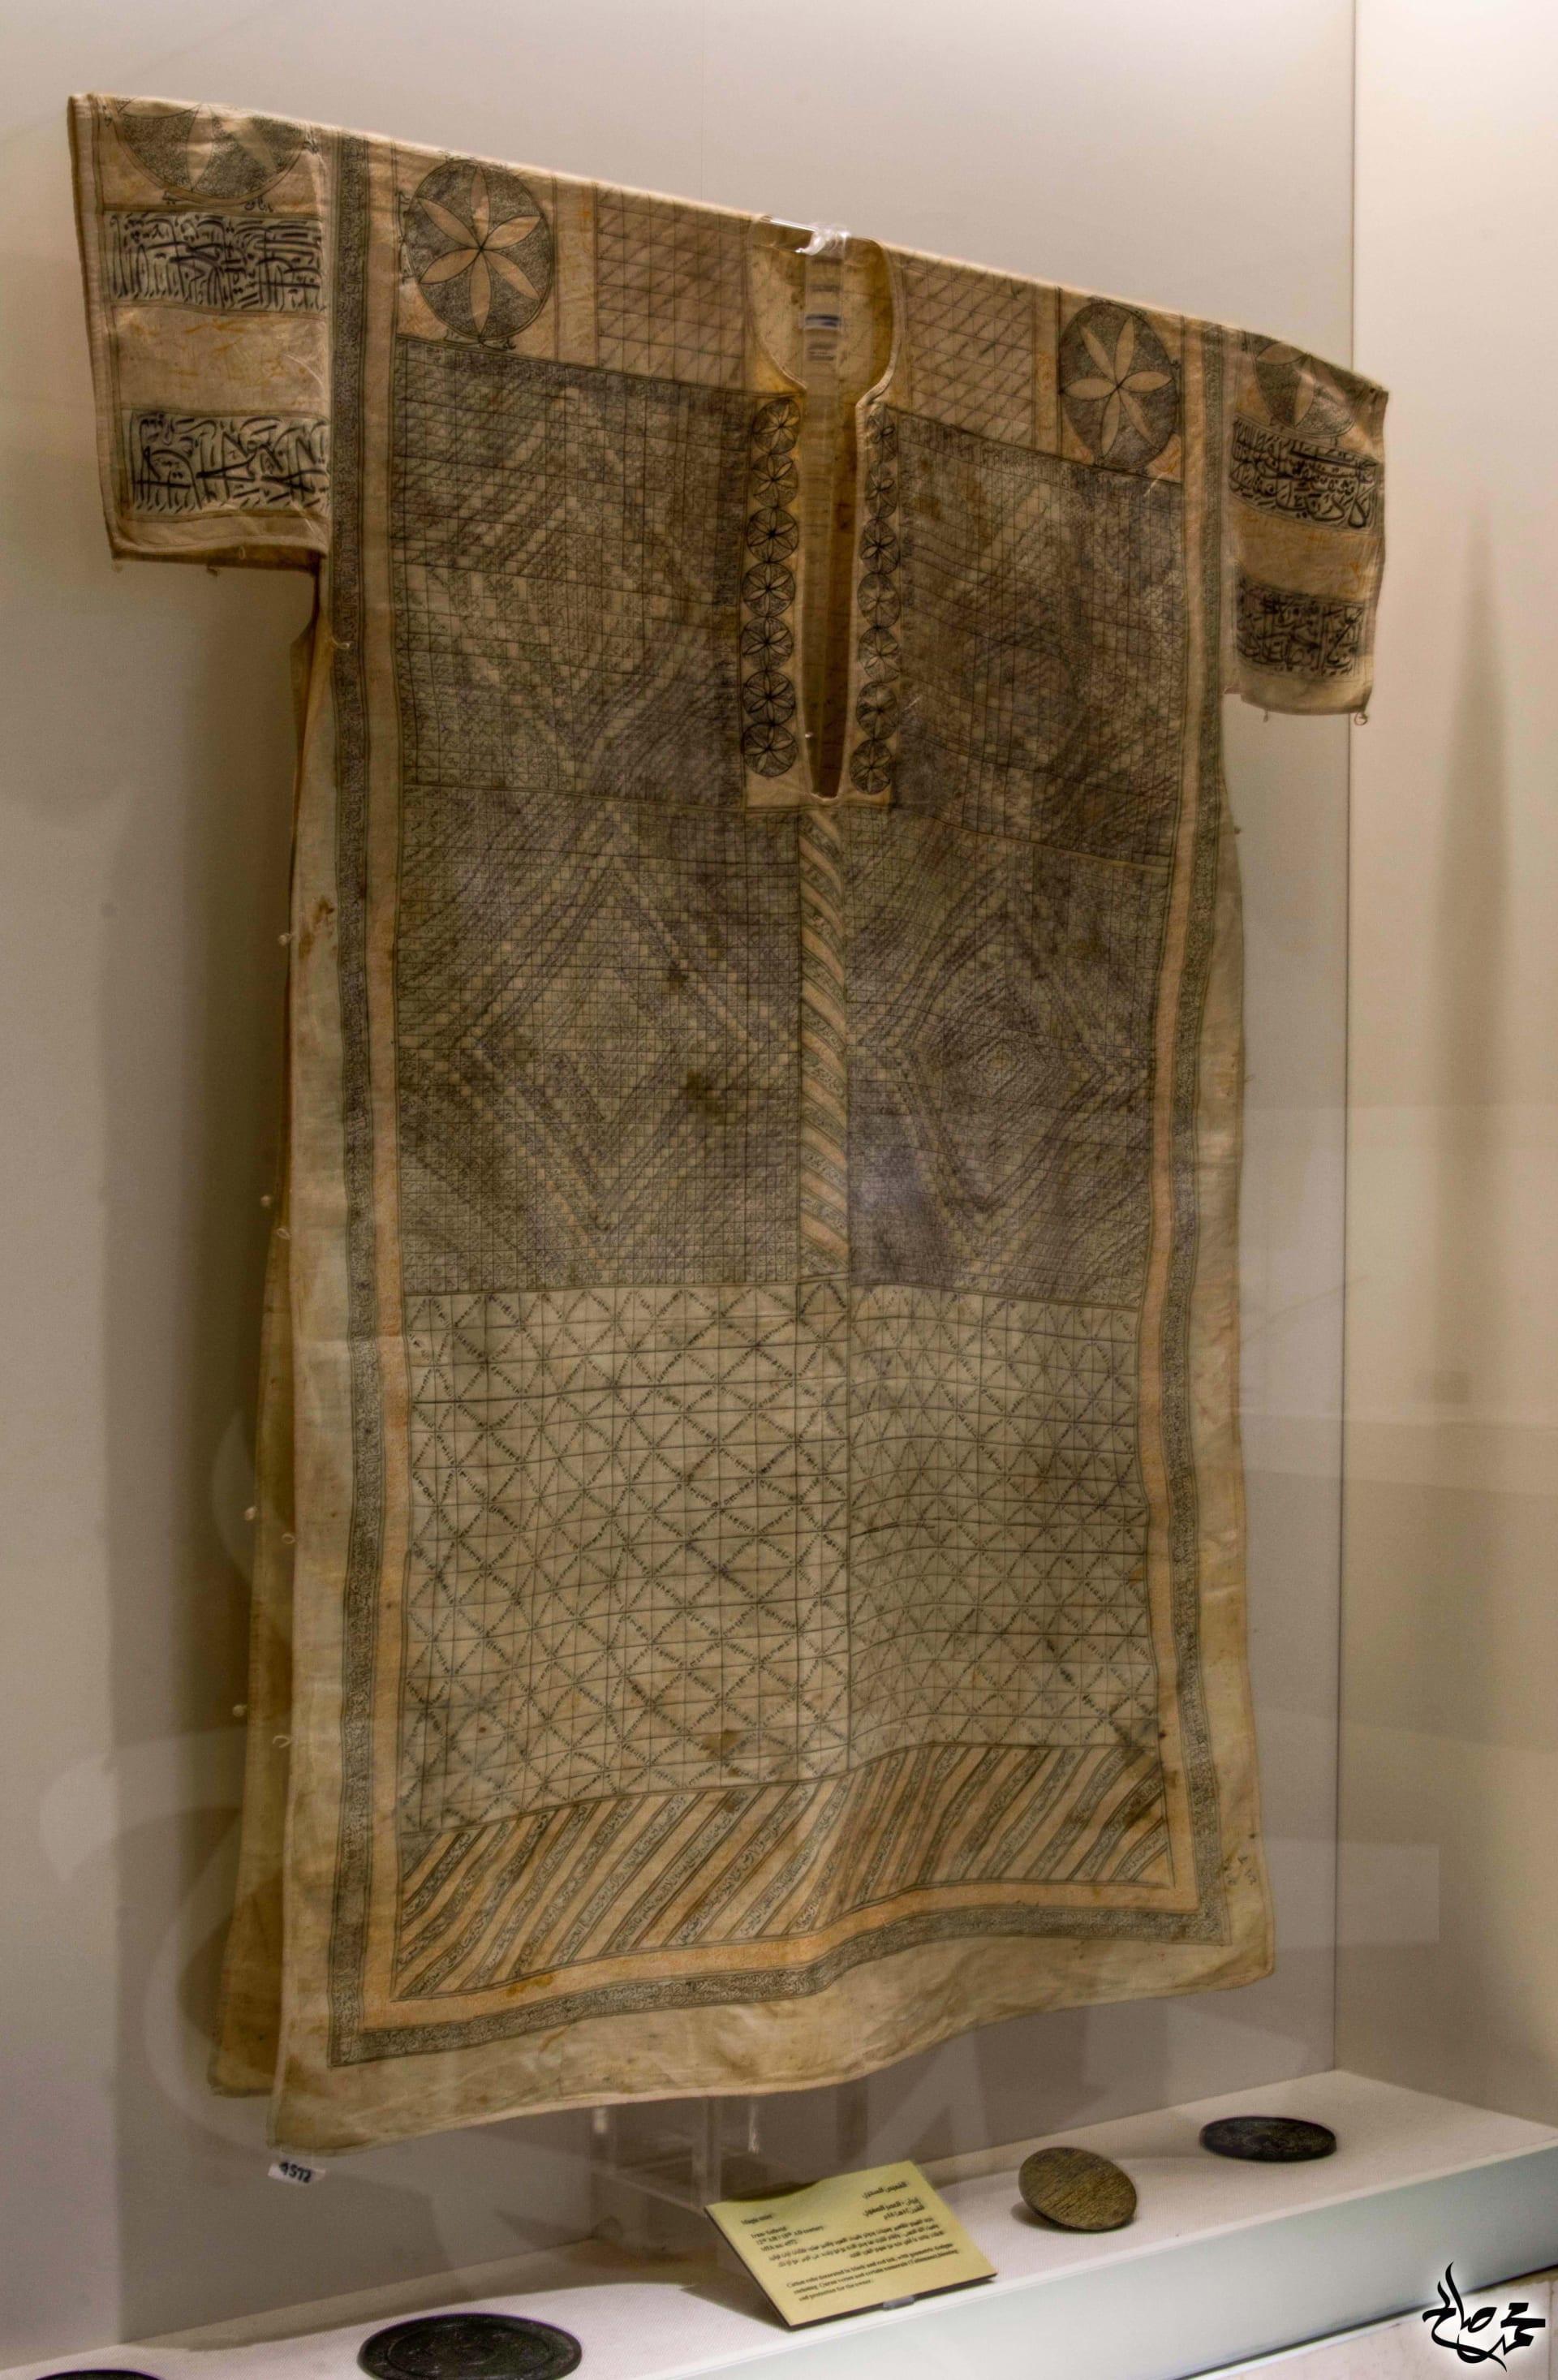 القميص السحري في متحف الفن الإسلامي بالقاهرة